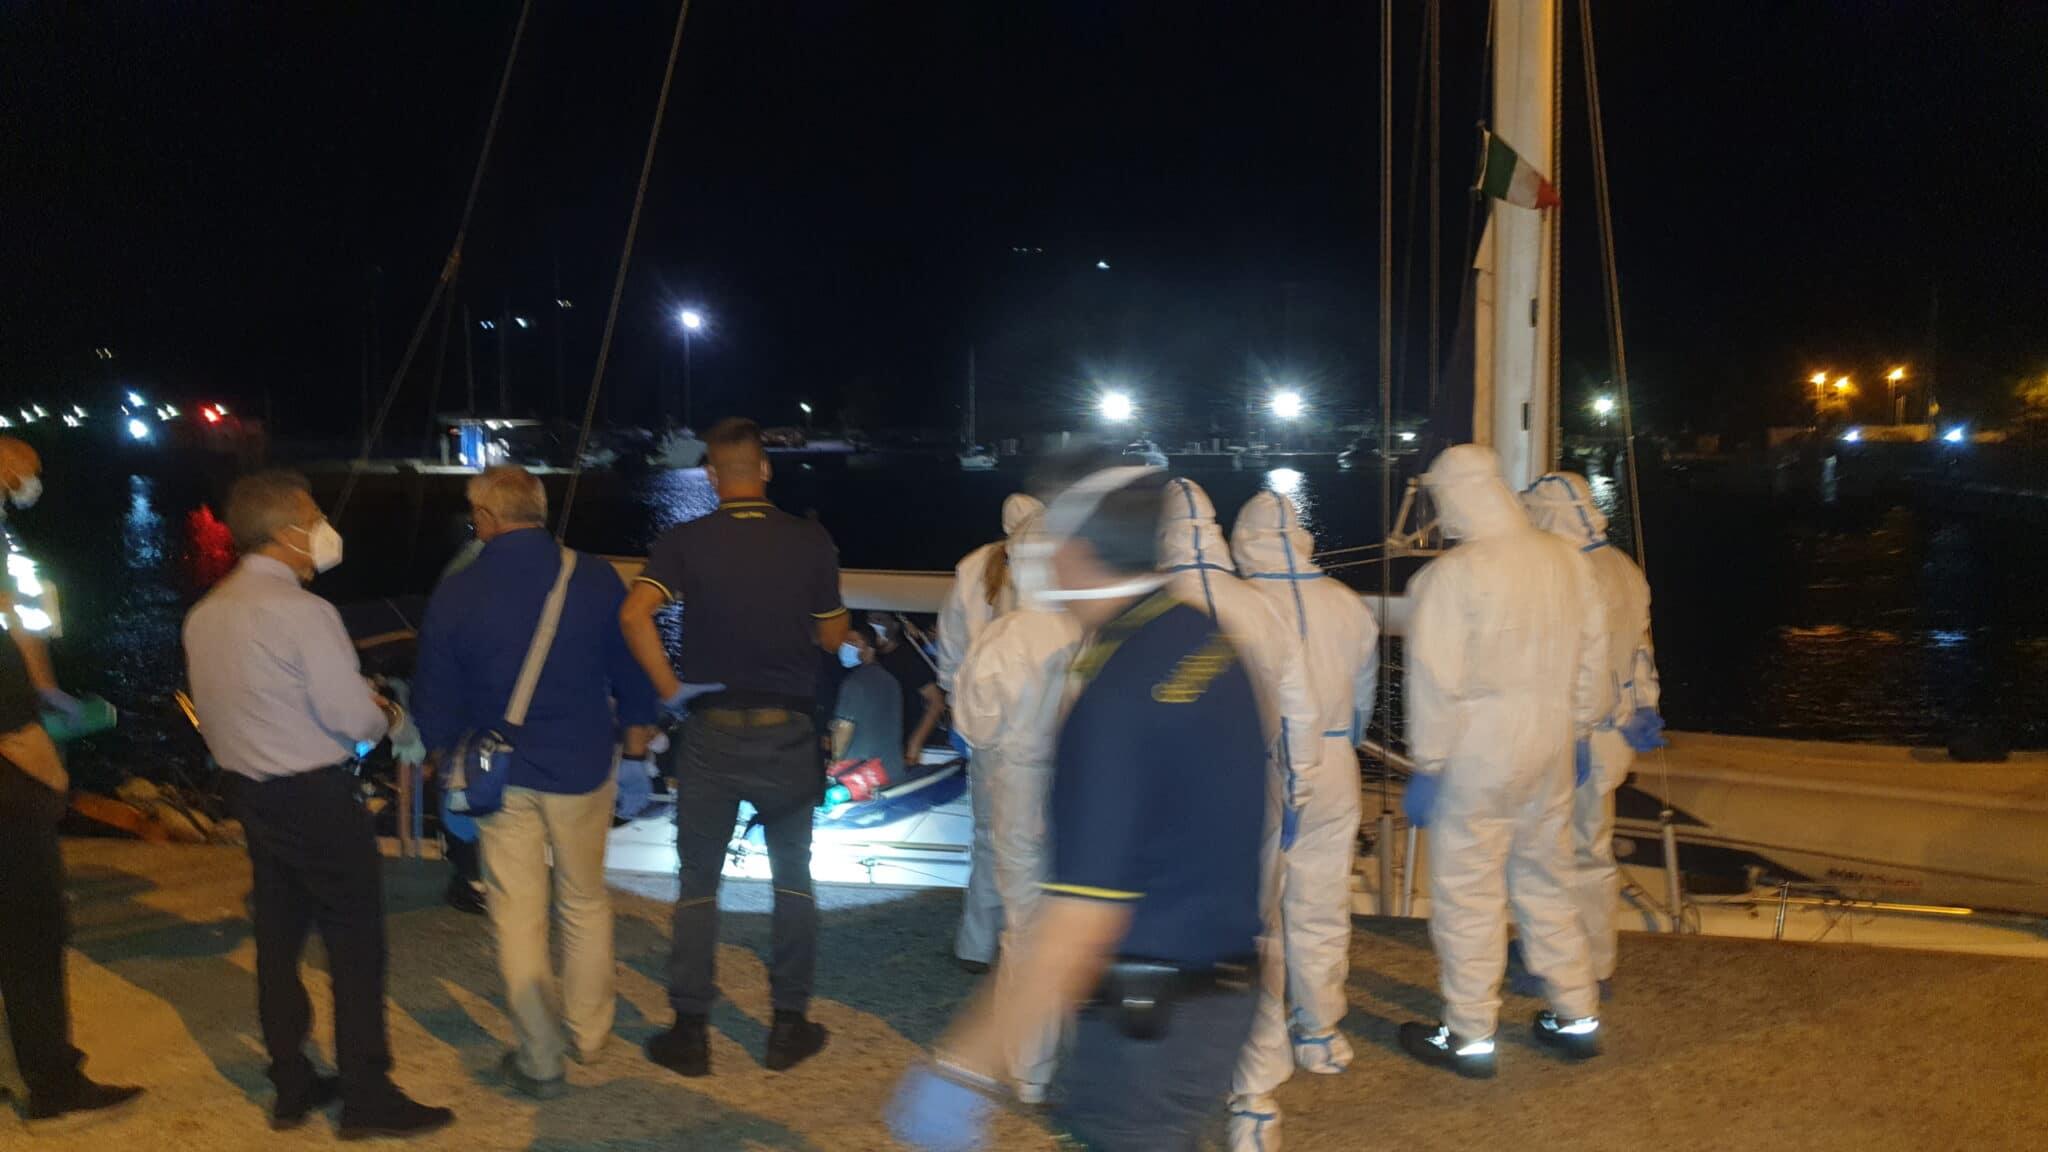 Importiamo contagiati: positivi 28 migranti sui 70 sbarcati ieri in Calabria <br> Regioni chiuse per mesi, porti sempre aperti